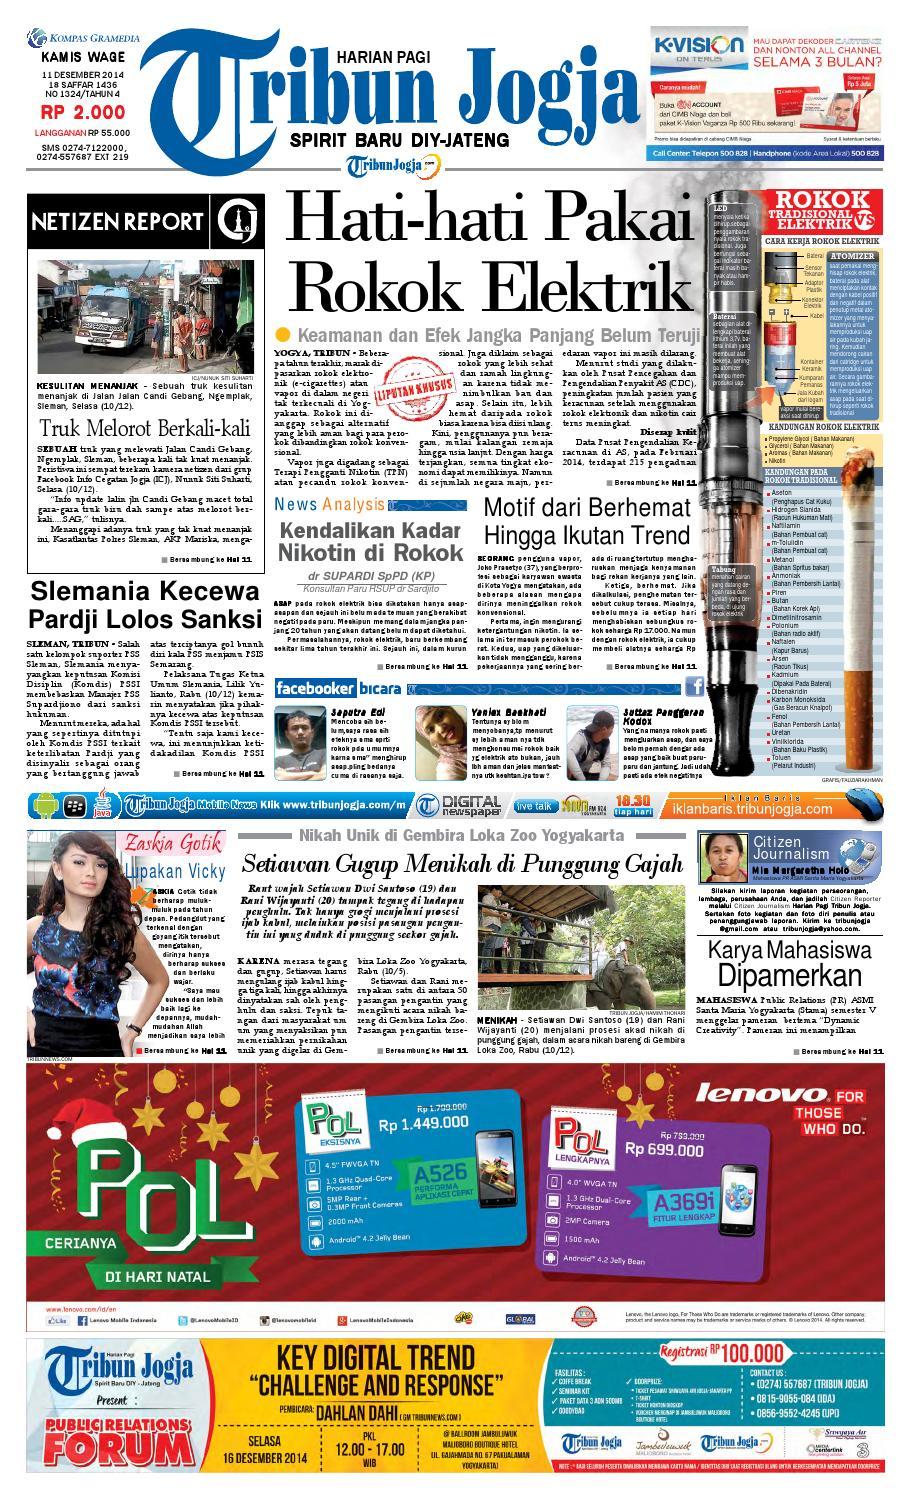 Tribunjogja 11 12 2014 By Tribun Jogja Issuu Strong Kangen Water Ph 115 Ukuran 1000 Ml Terapi Air Kelas Dunia Indonesia